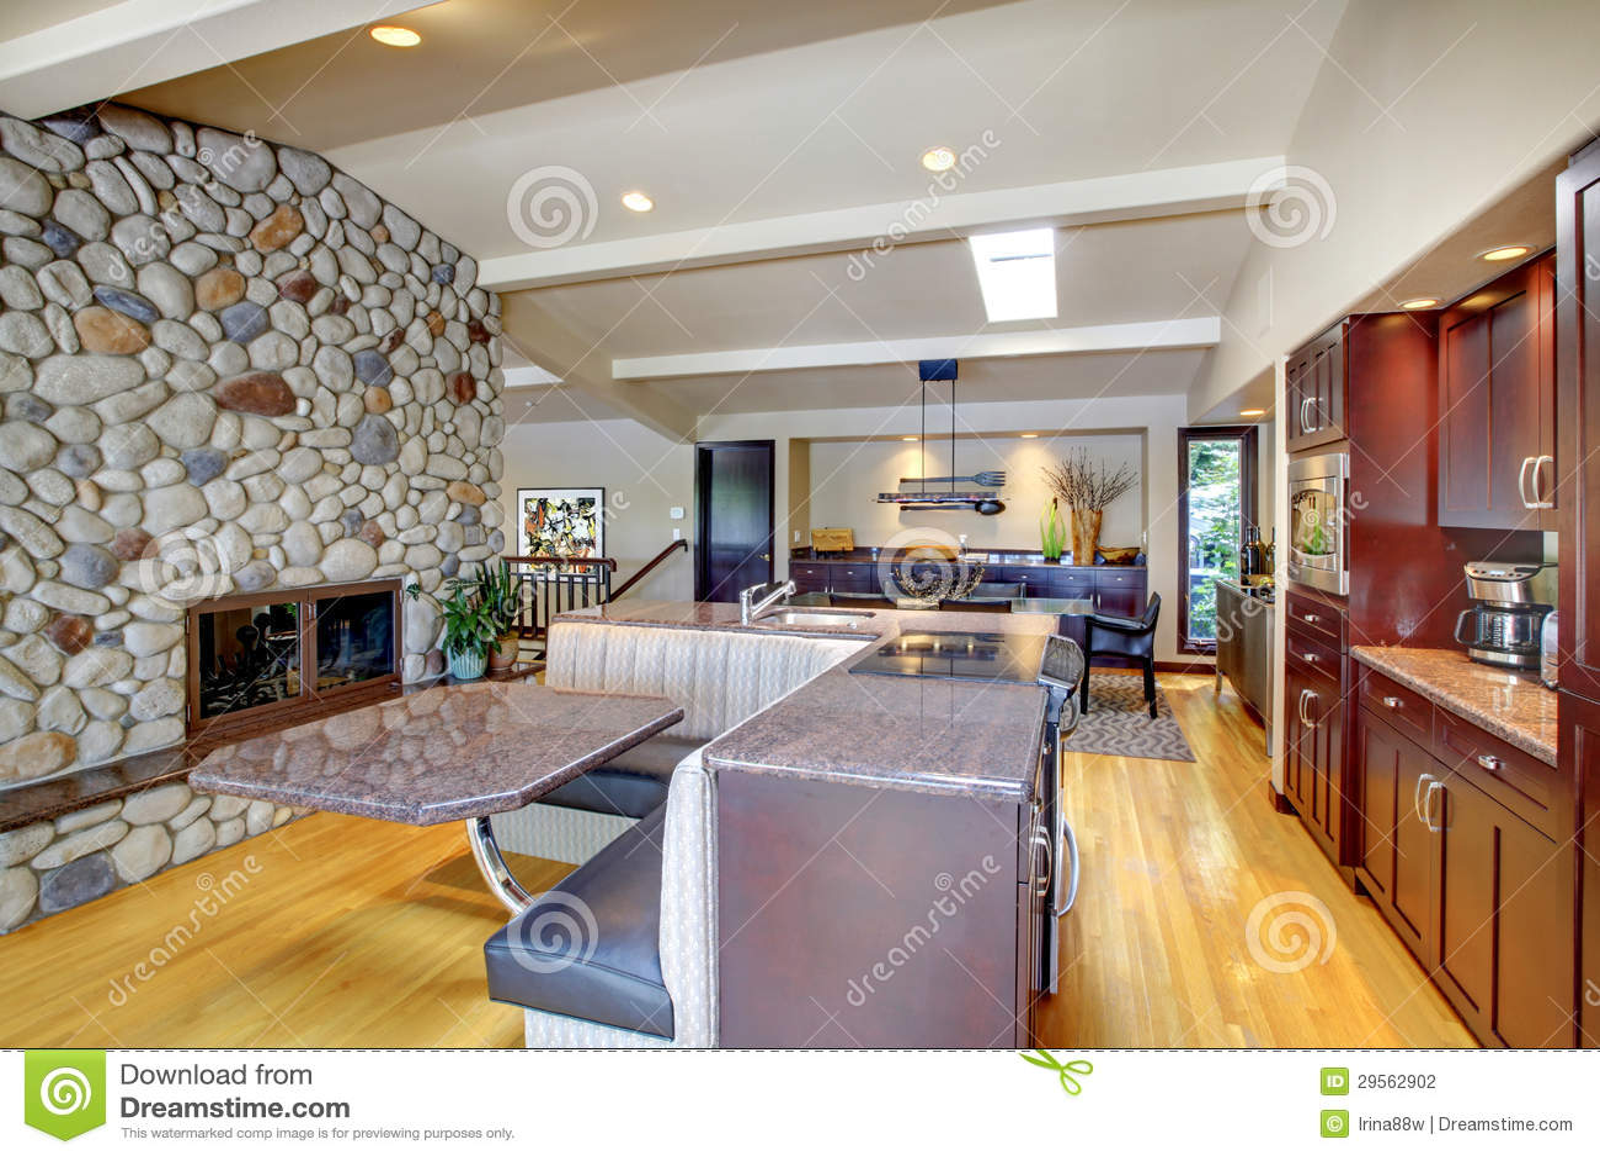 Cocina mohogany de lujo con muebles modernos y la chimenea - Muebles la chimenea catalogo ...